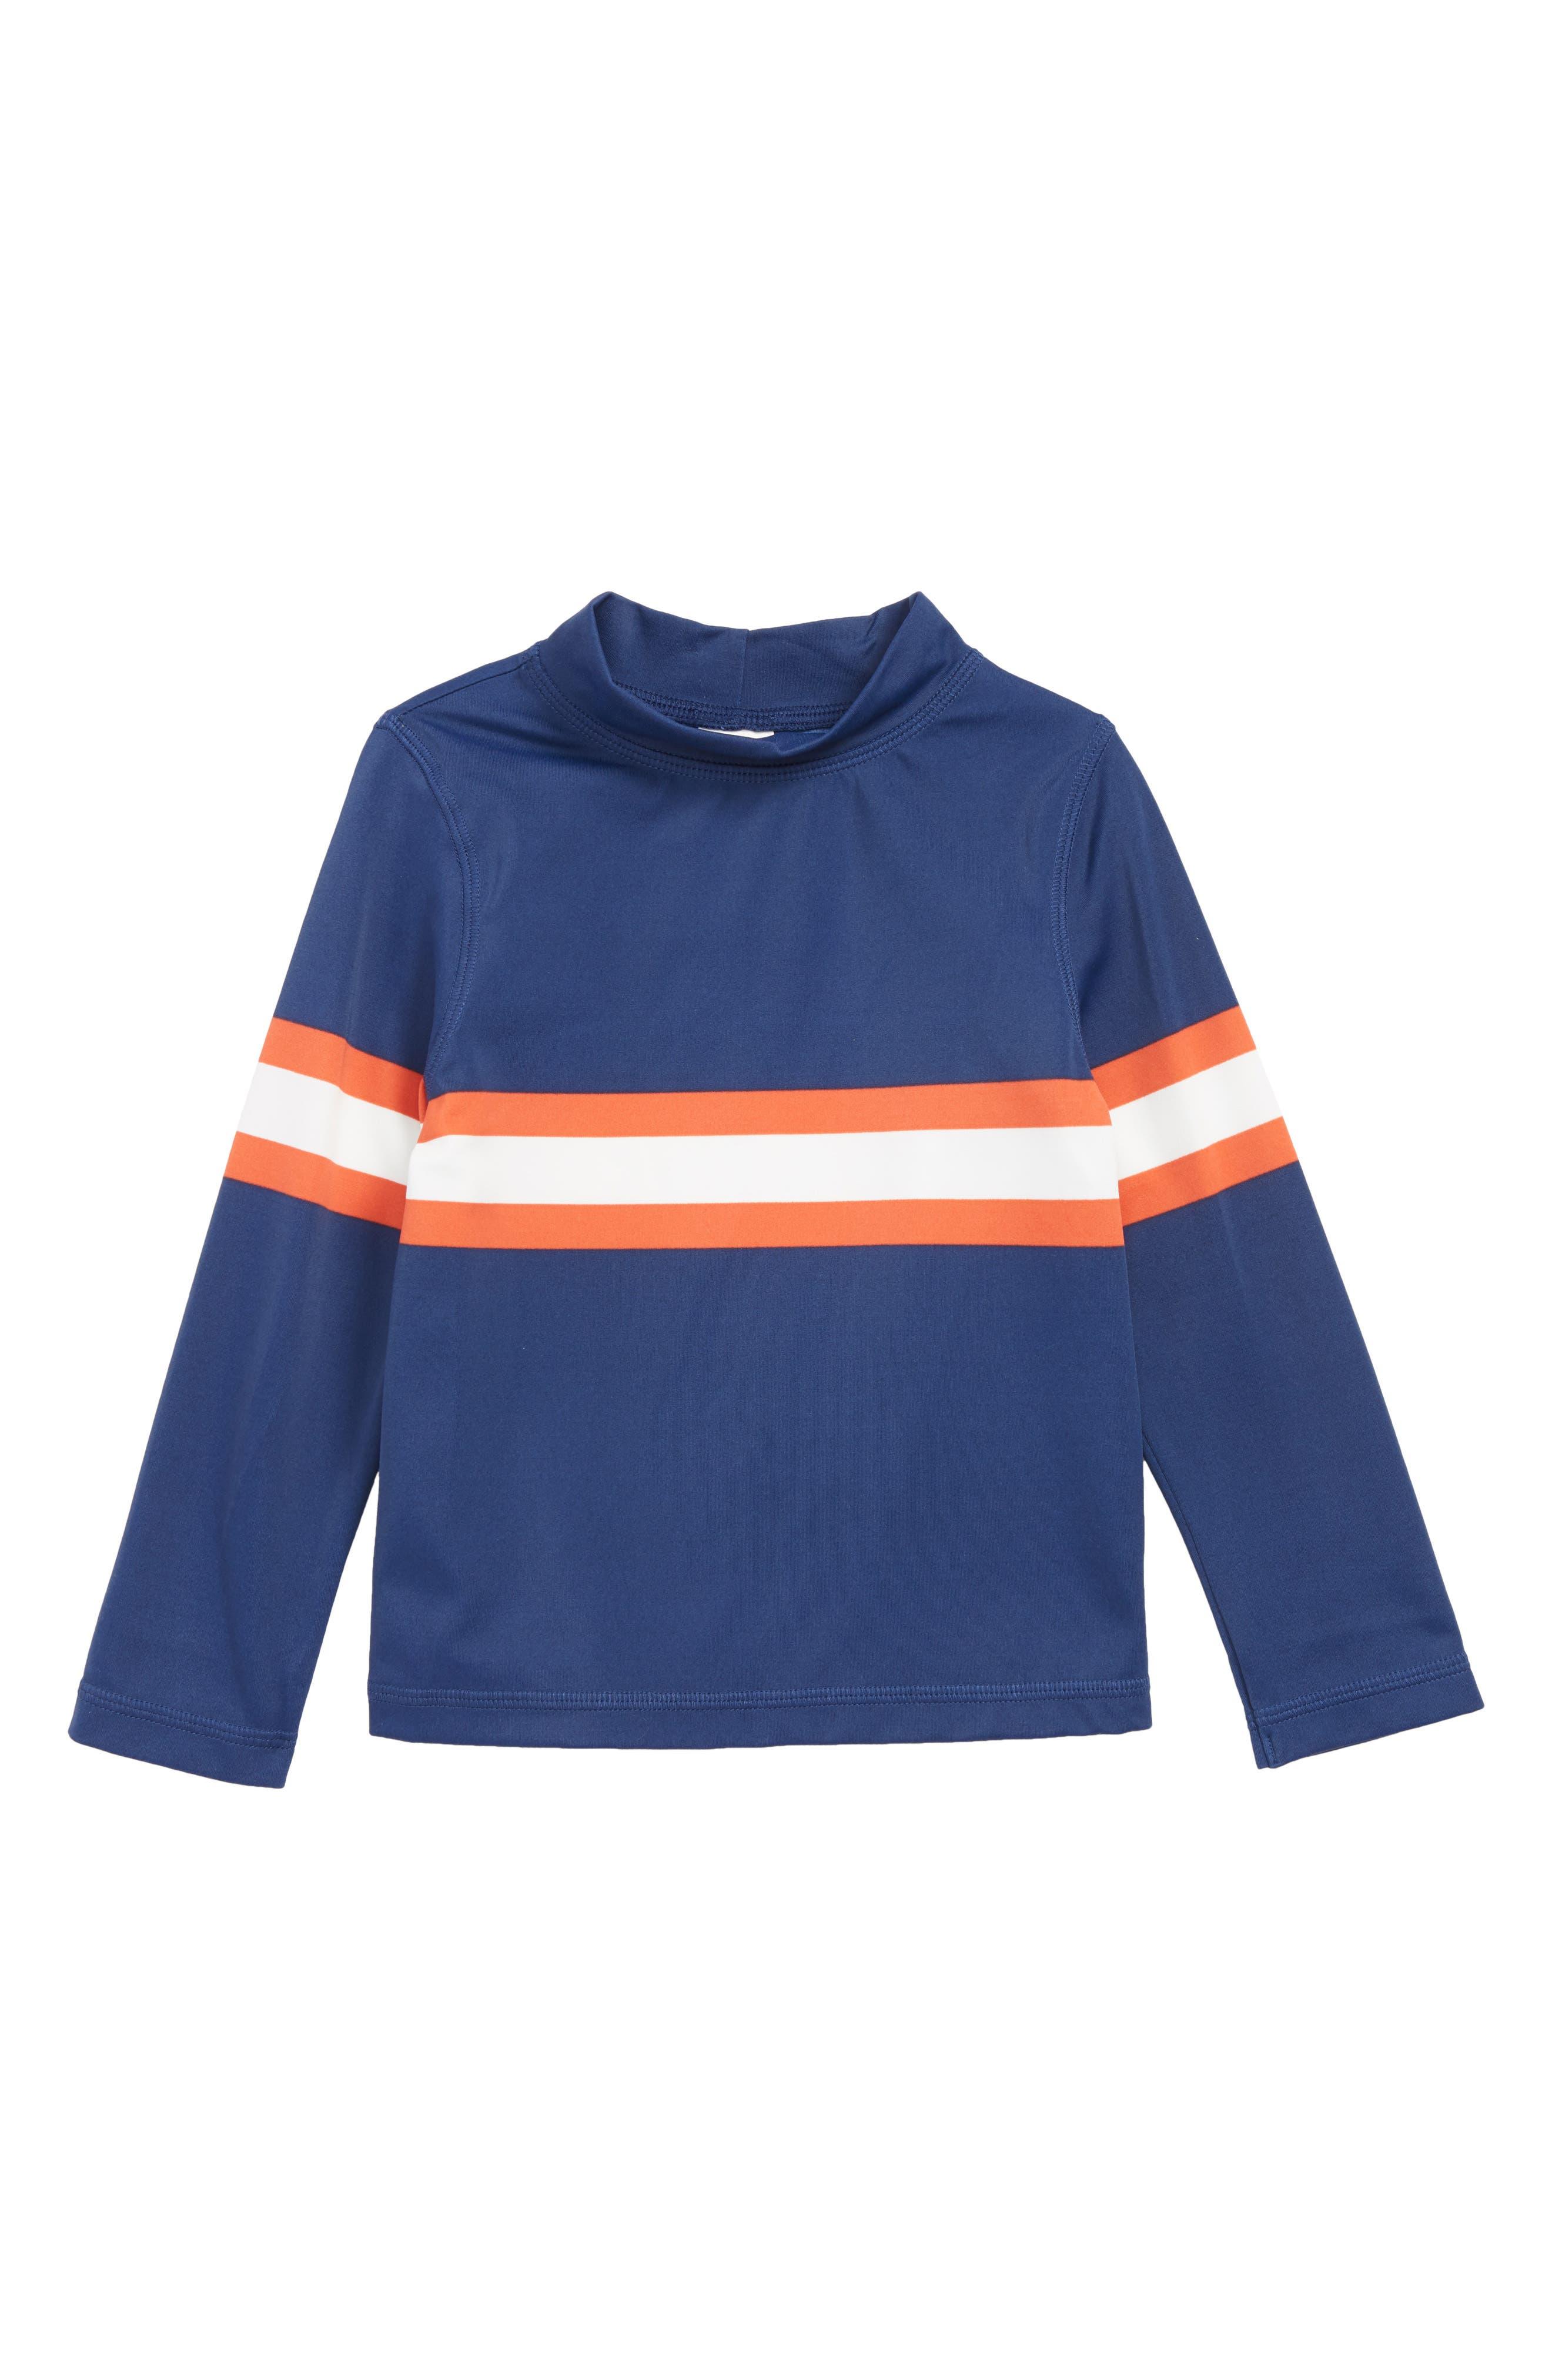 MINI BODEN Chest Stripe Rashguard, Main, color, COLLEGE BLUE